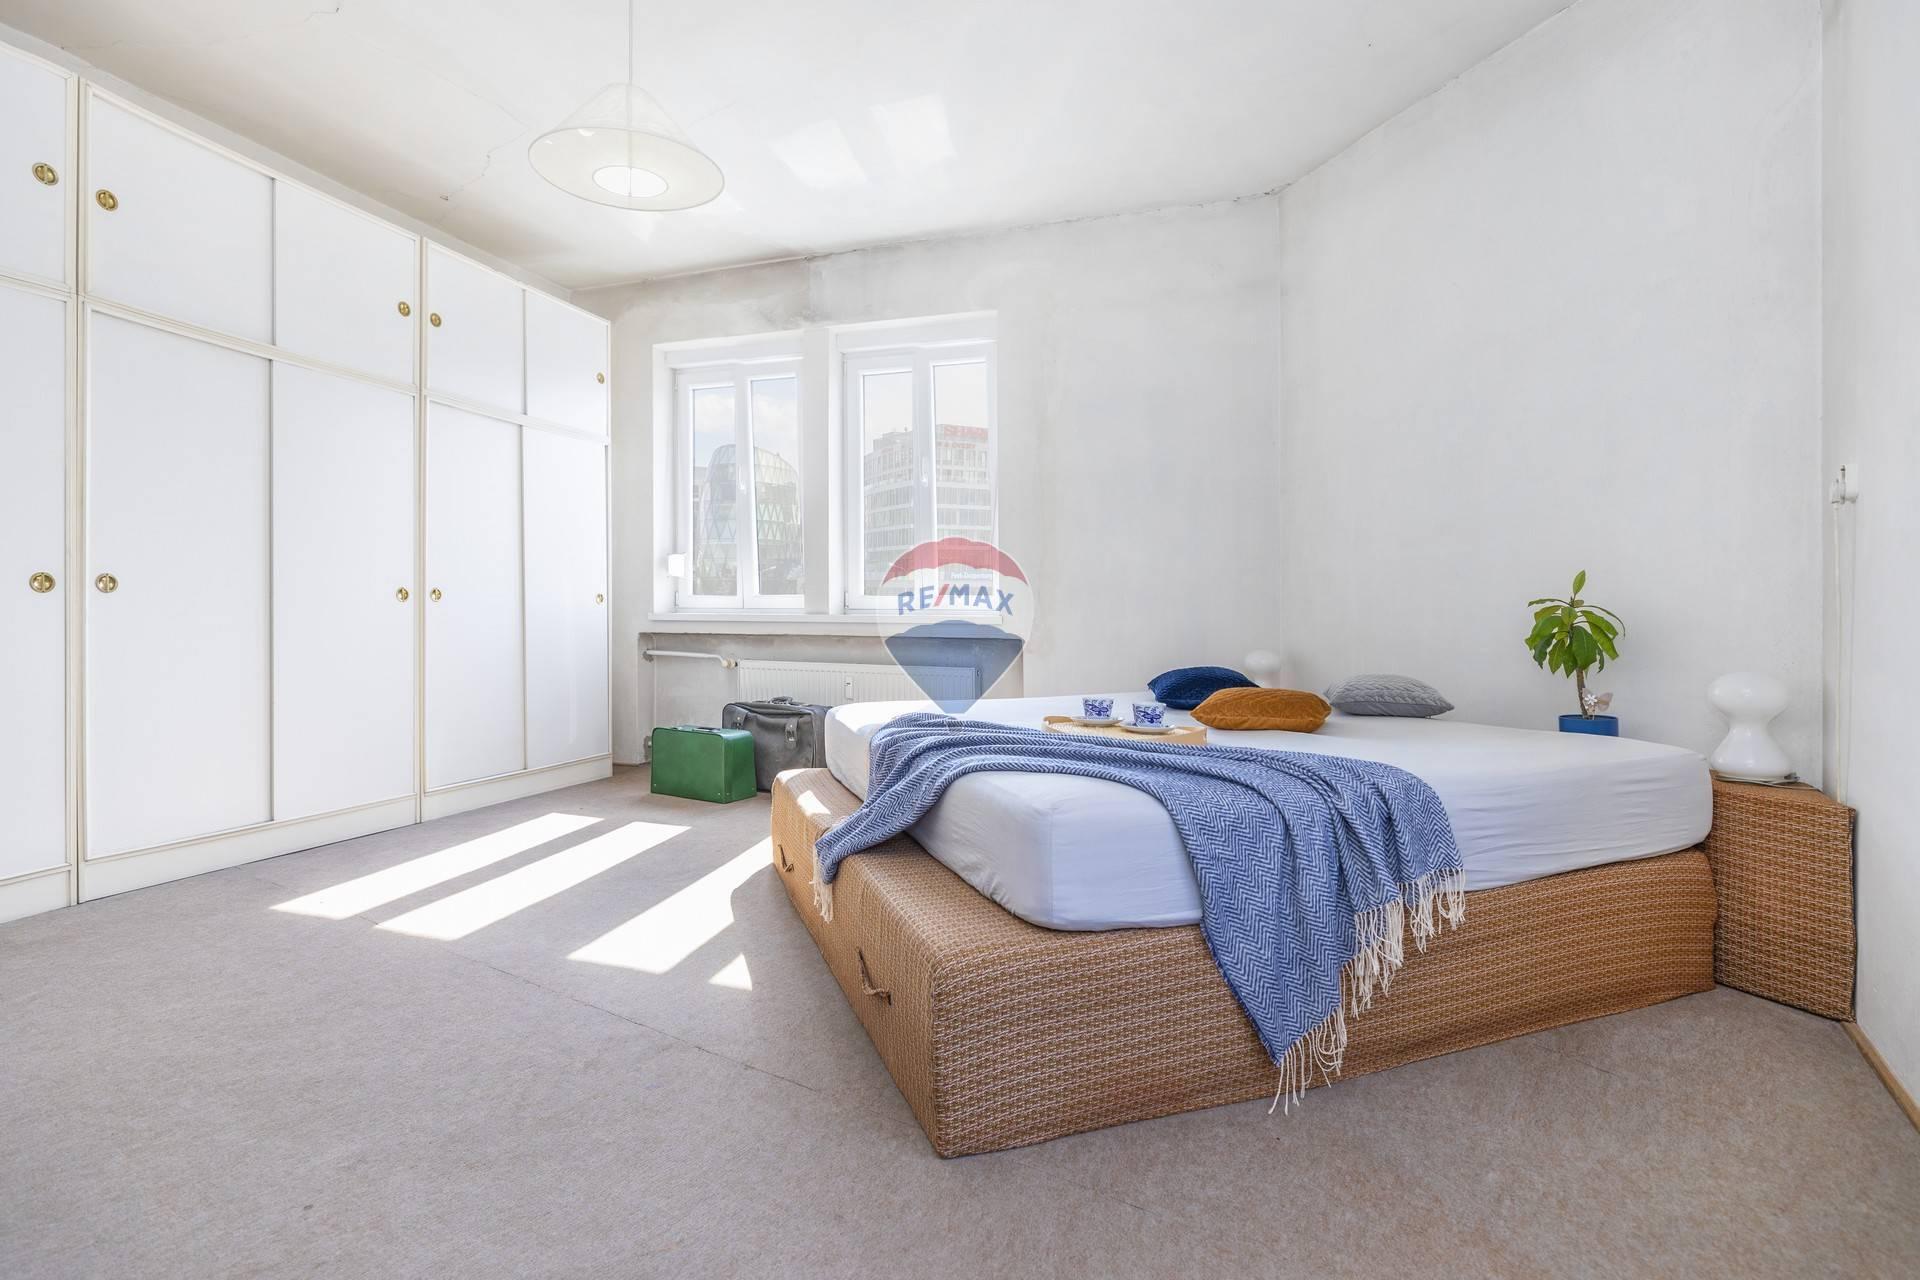 Predaj bytu (4 izbový) 100 m2, Bratislava - Staré Mesto - spálňa, výhľad na Euroveu